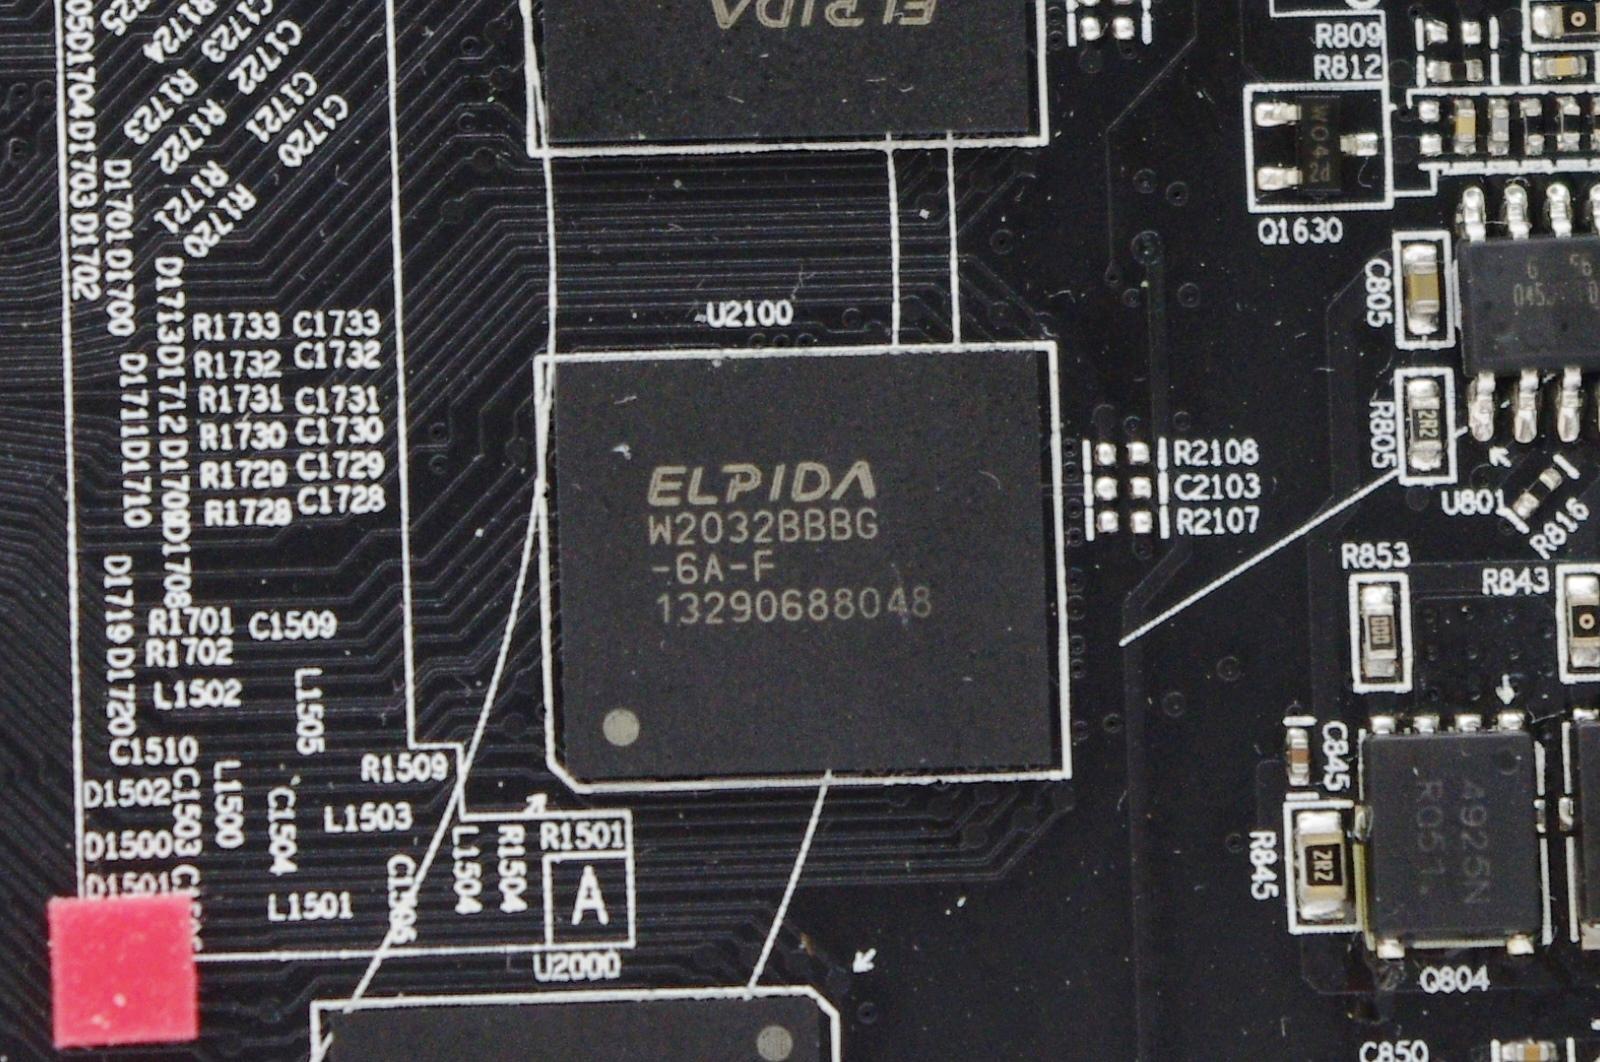 [XF] 追求極速+力量再升級 PowerColor 撼訊 PCS+ R9 270X